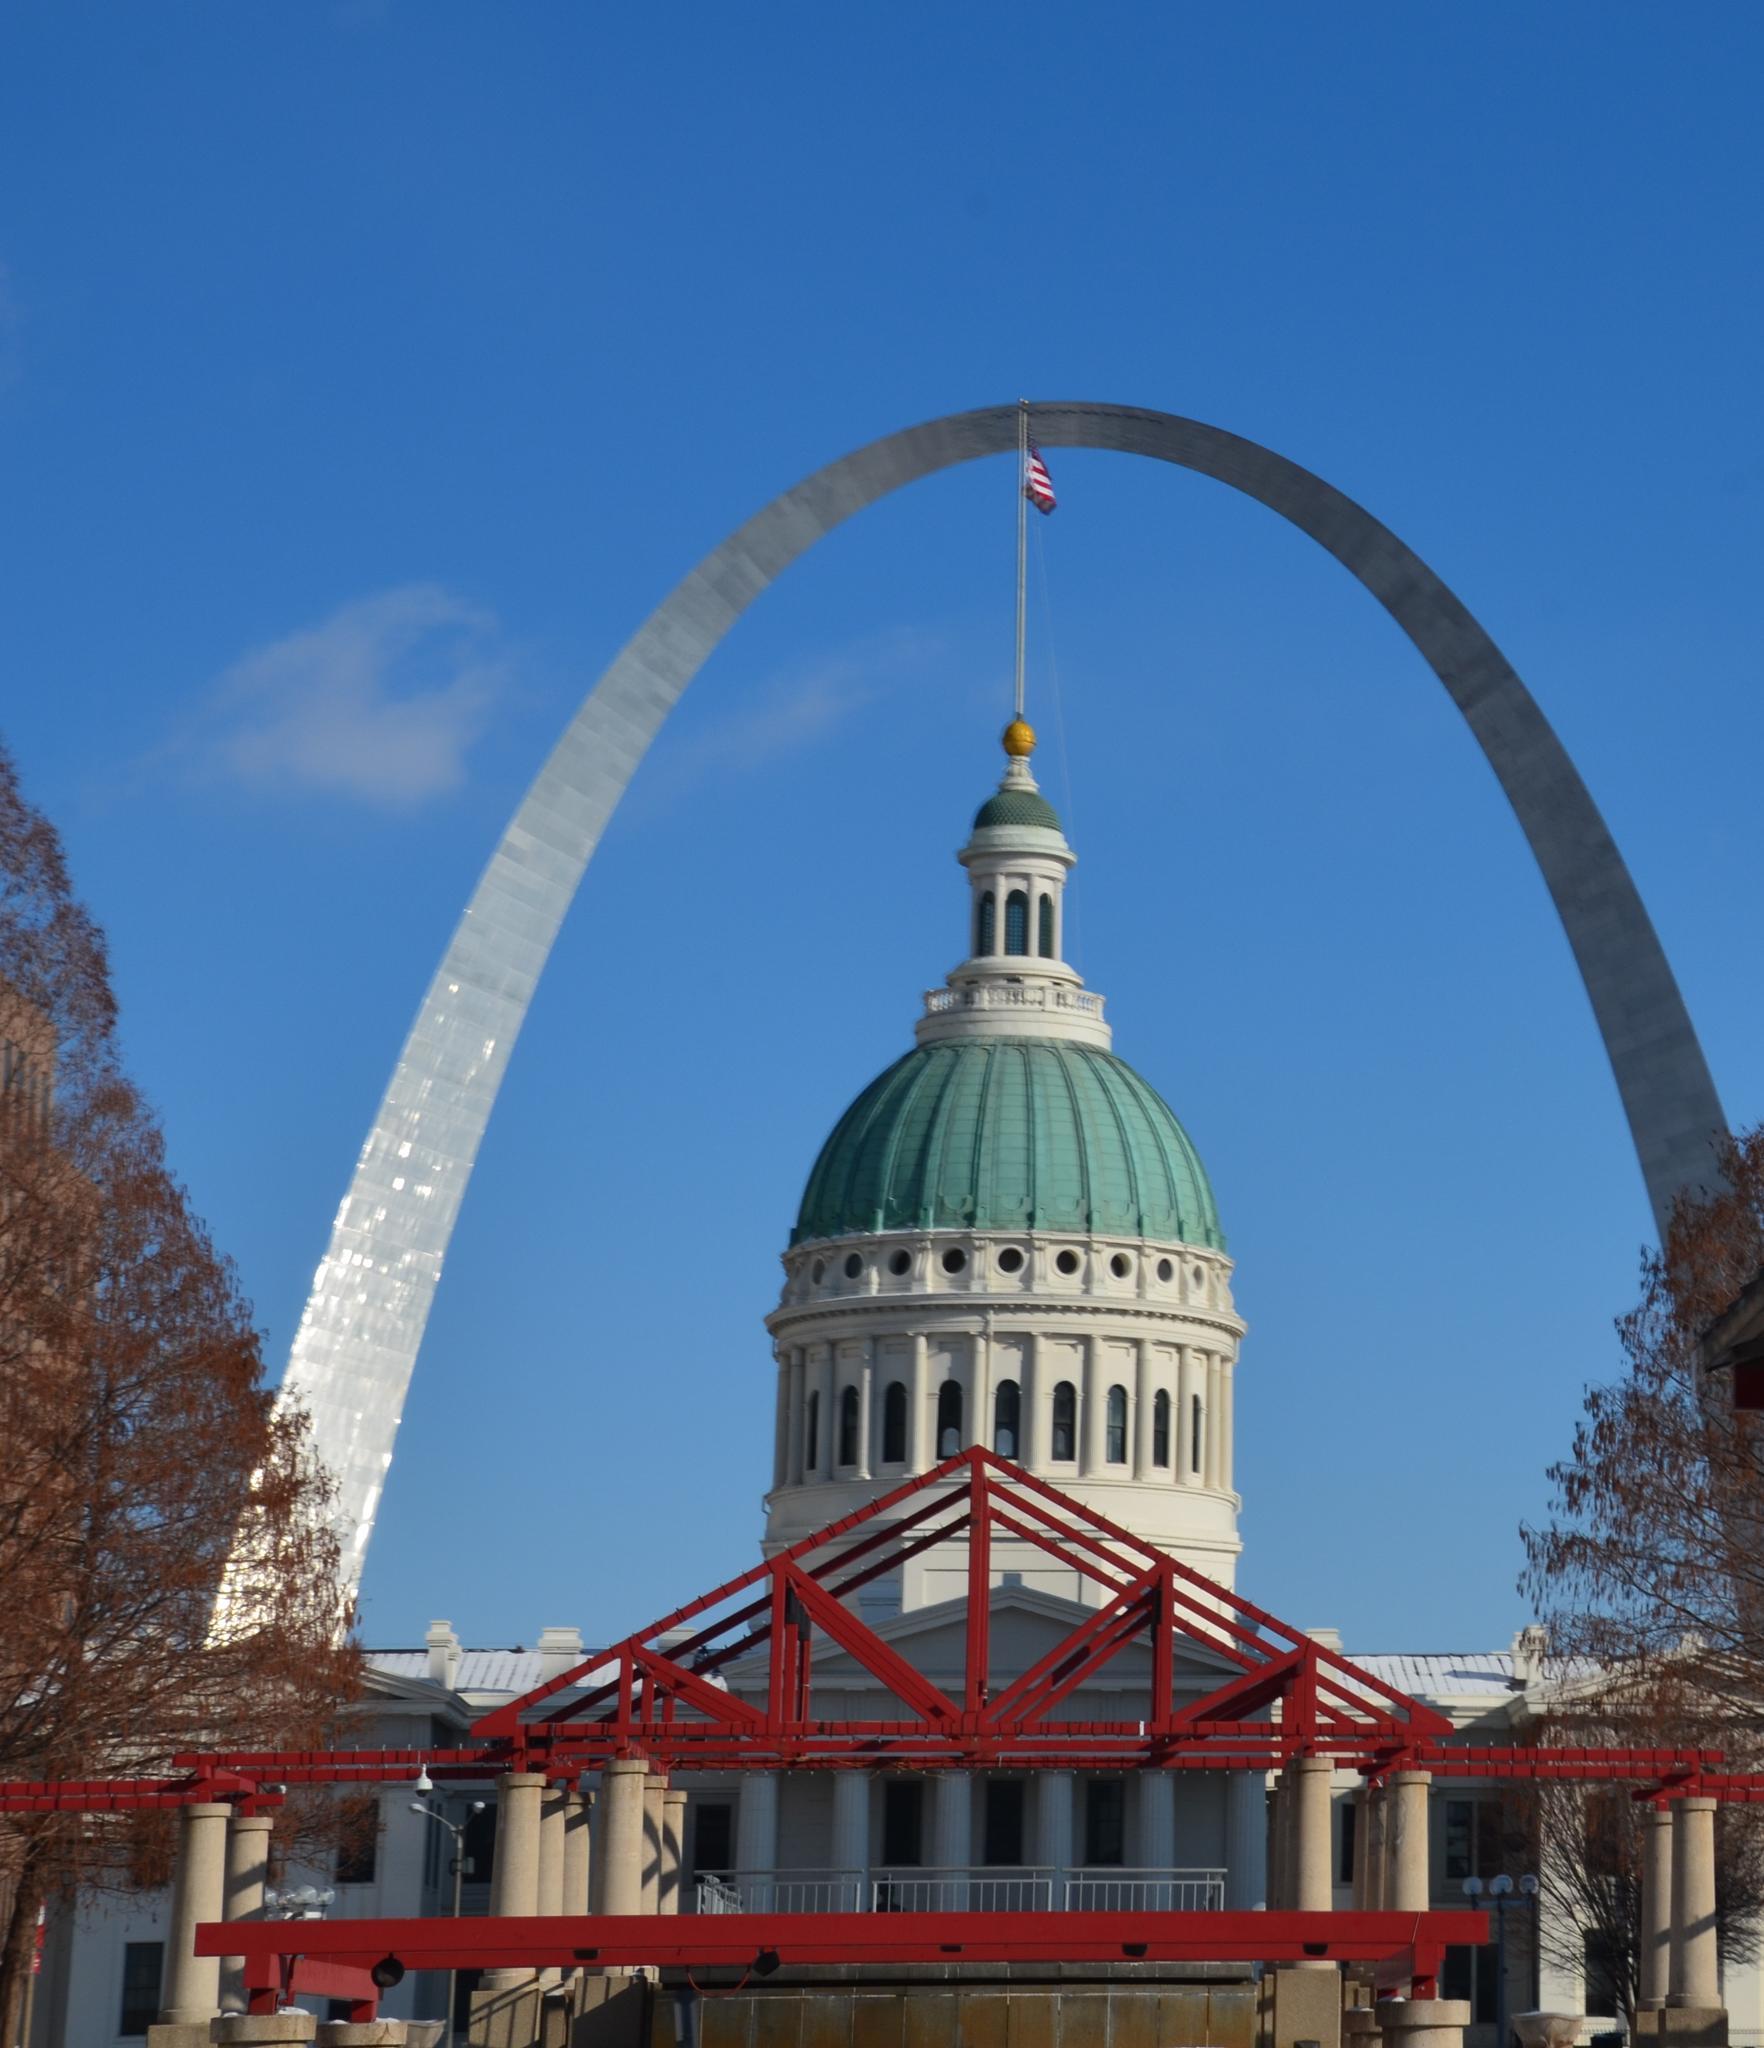 St. Louis Arch by Grace Lee